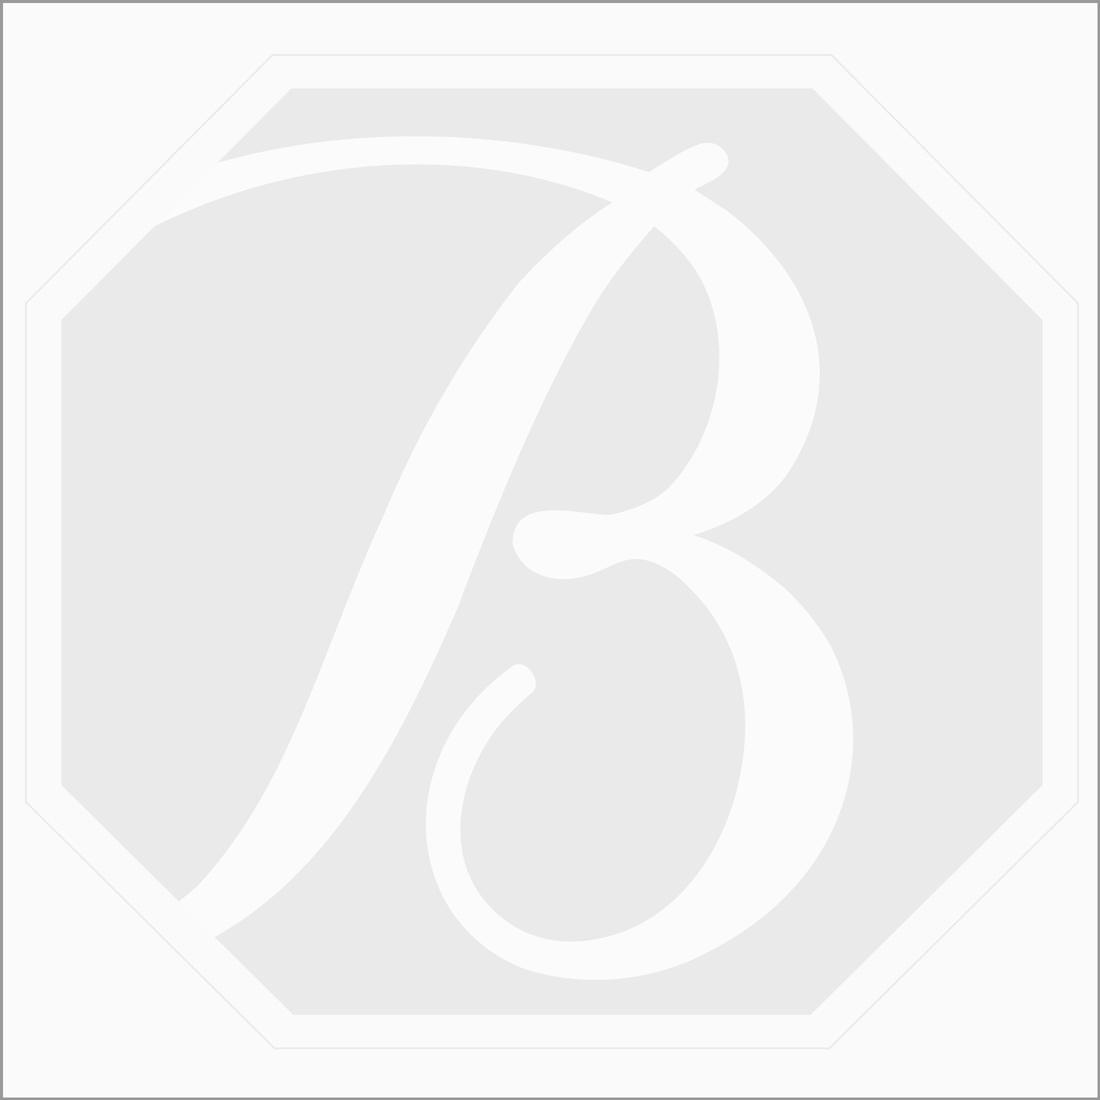 Multi Sapphire Briolettes - 1 Line - 235.50 carats - 20 inches - (MSDF1009)